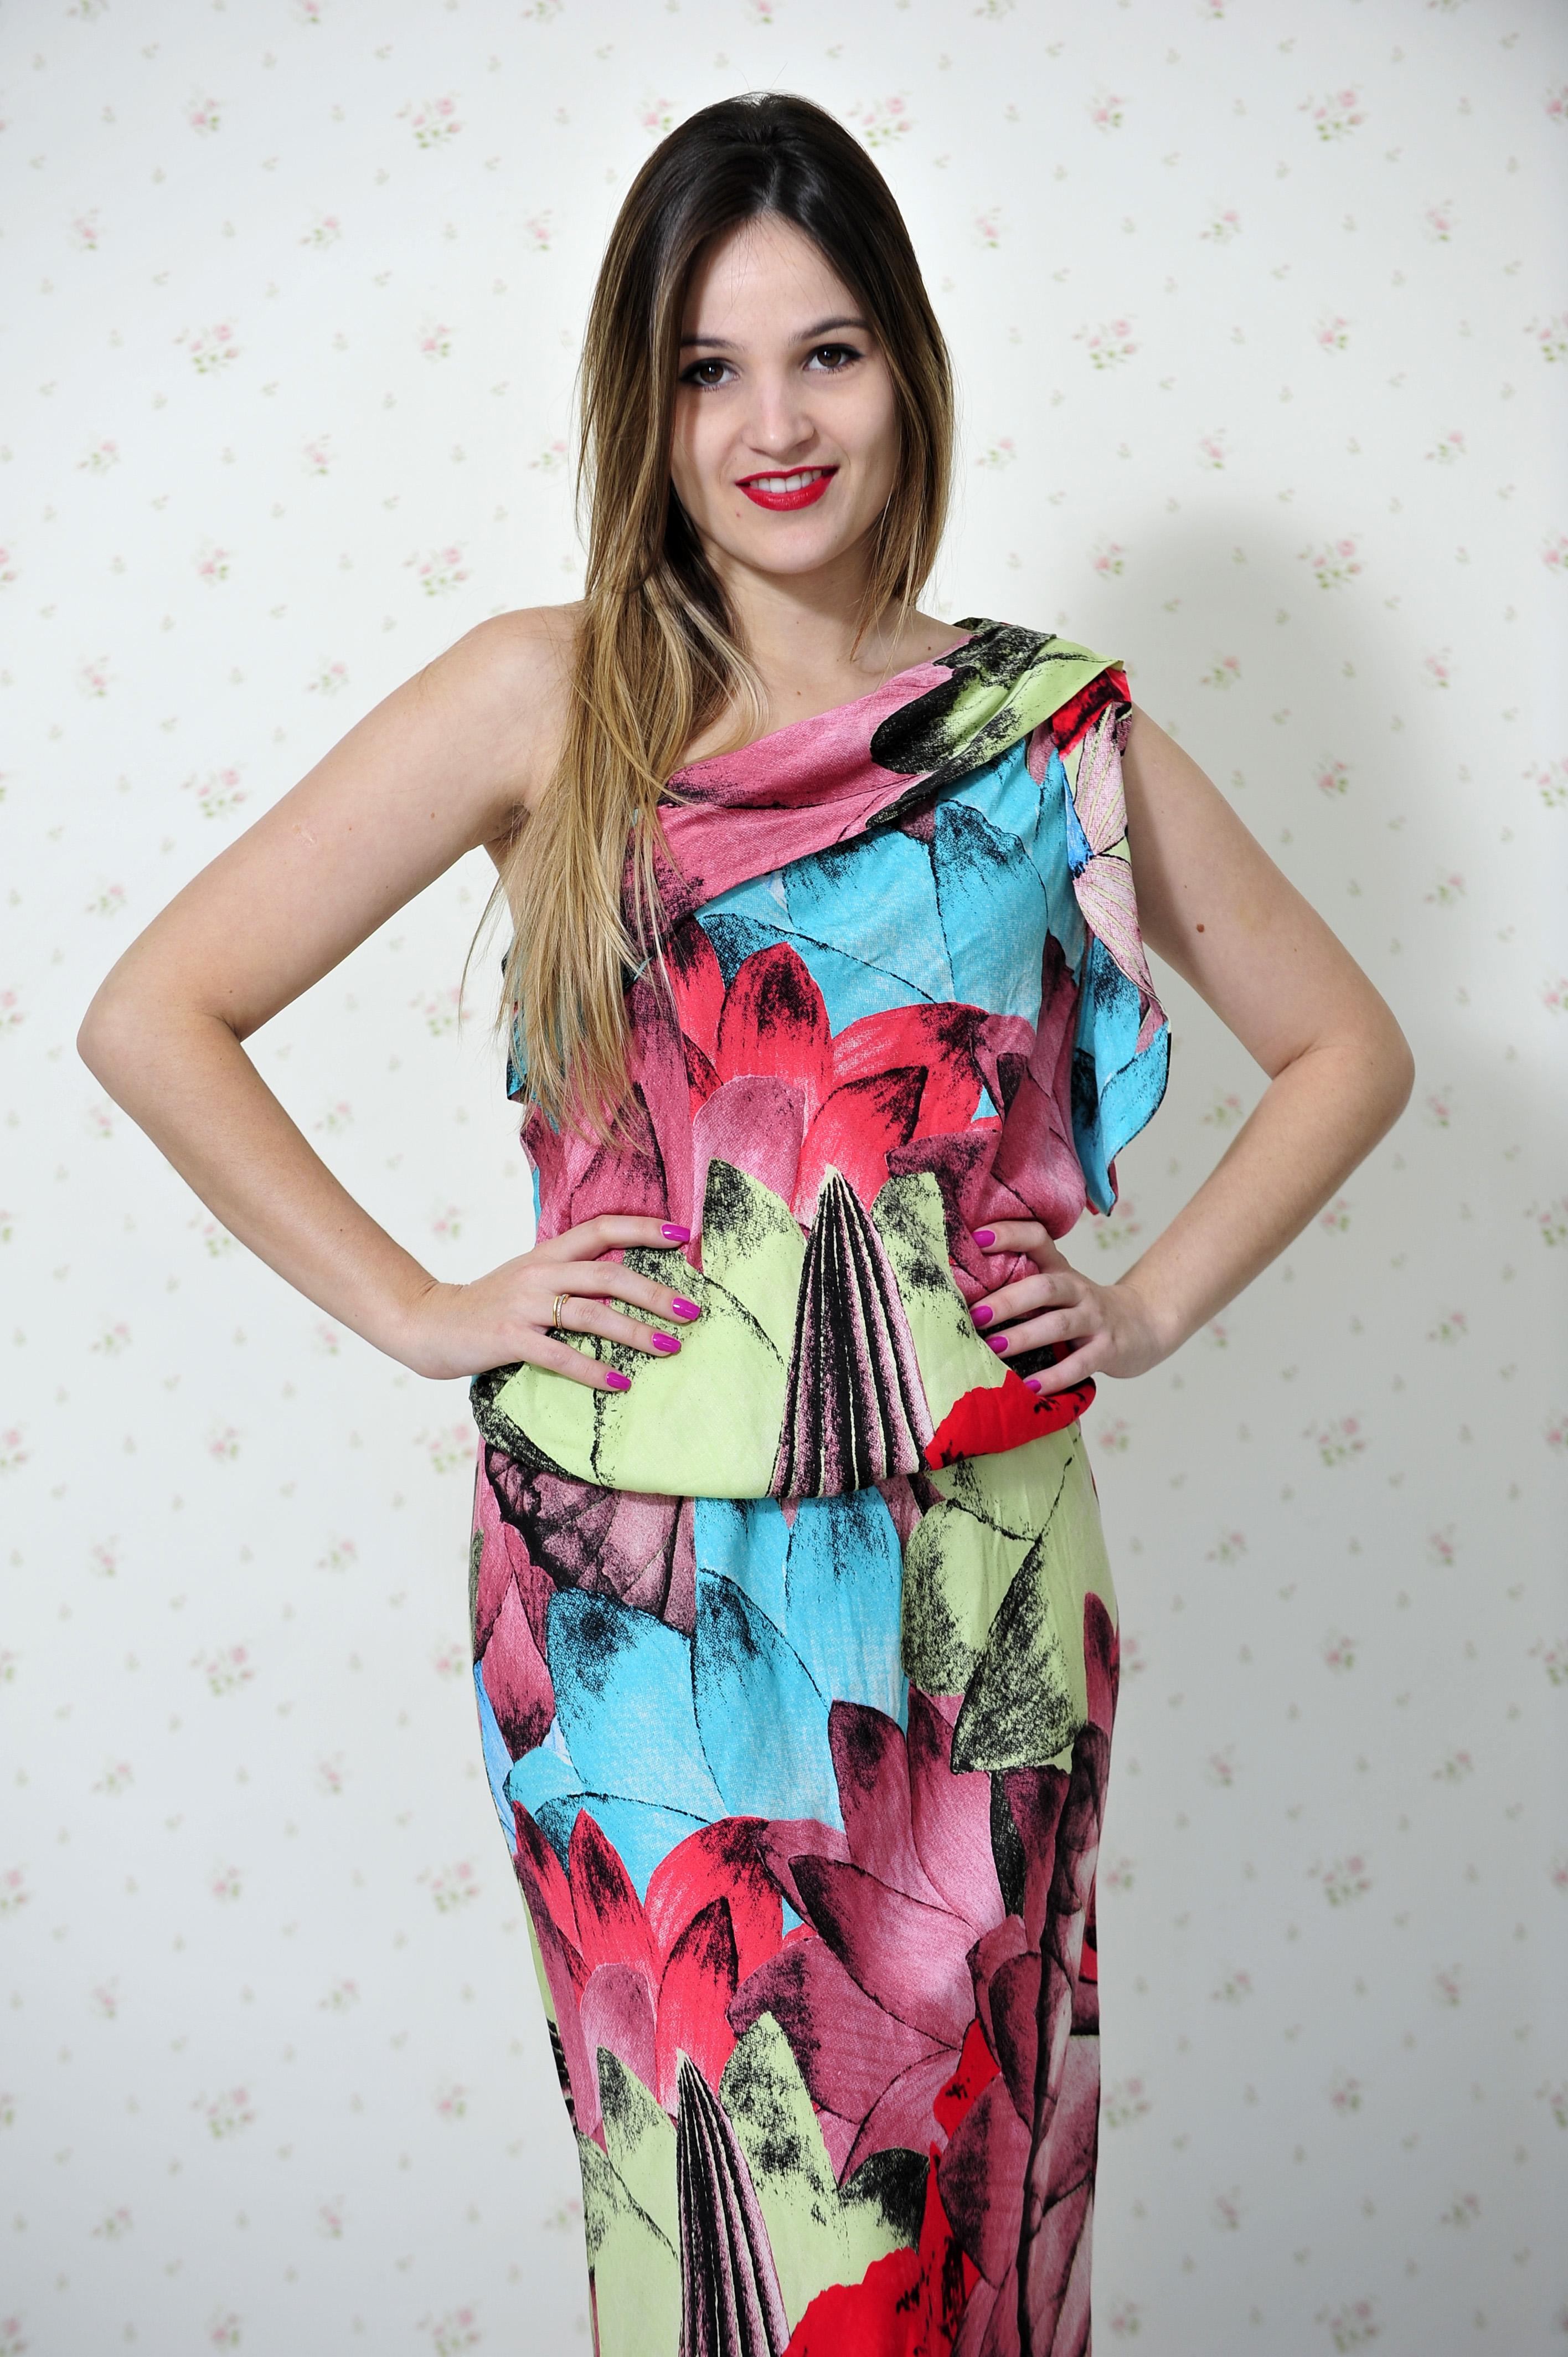 24f70dc96e49 E o modelo de um ombro só é super estiloso, deixa a mulher sensual na  medida certa. Pra mim vestido longo ...